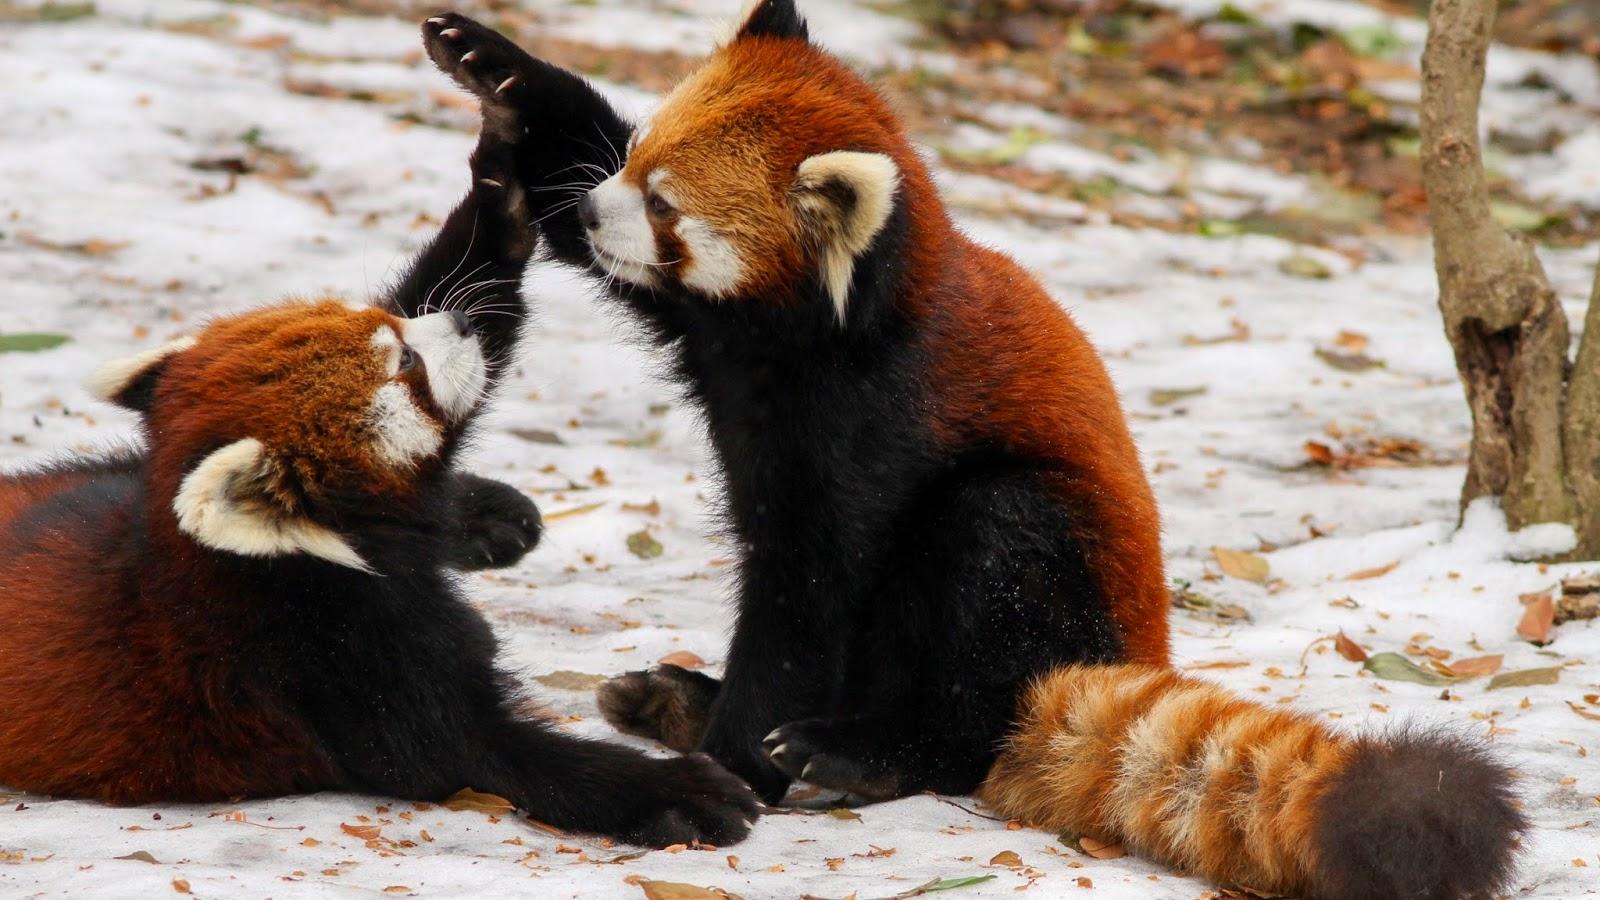 ハイタッチするレッサーパンダ